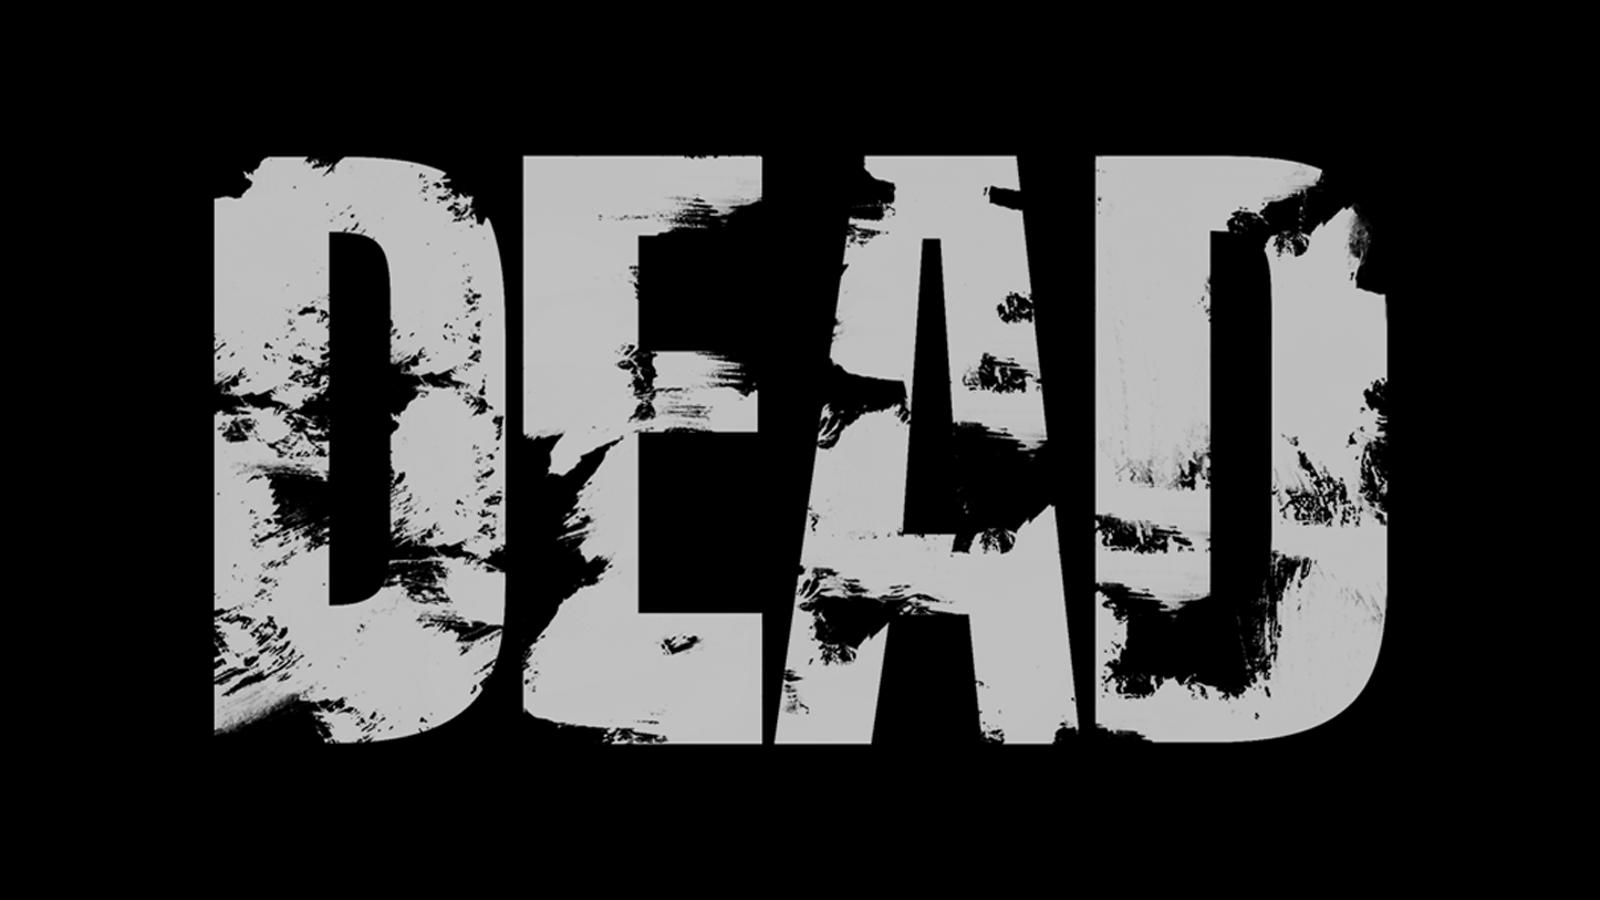 dead க்கான பட முடிவு